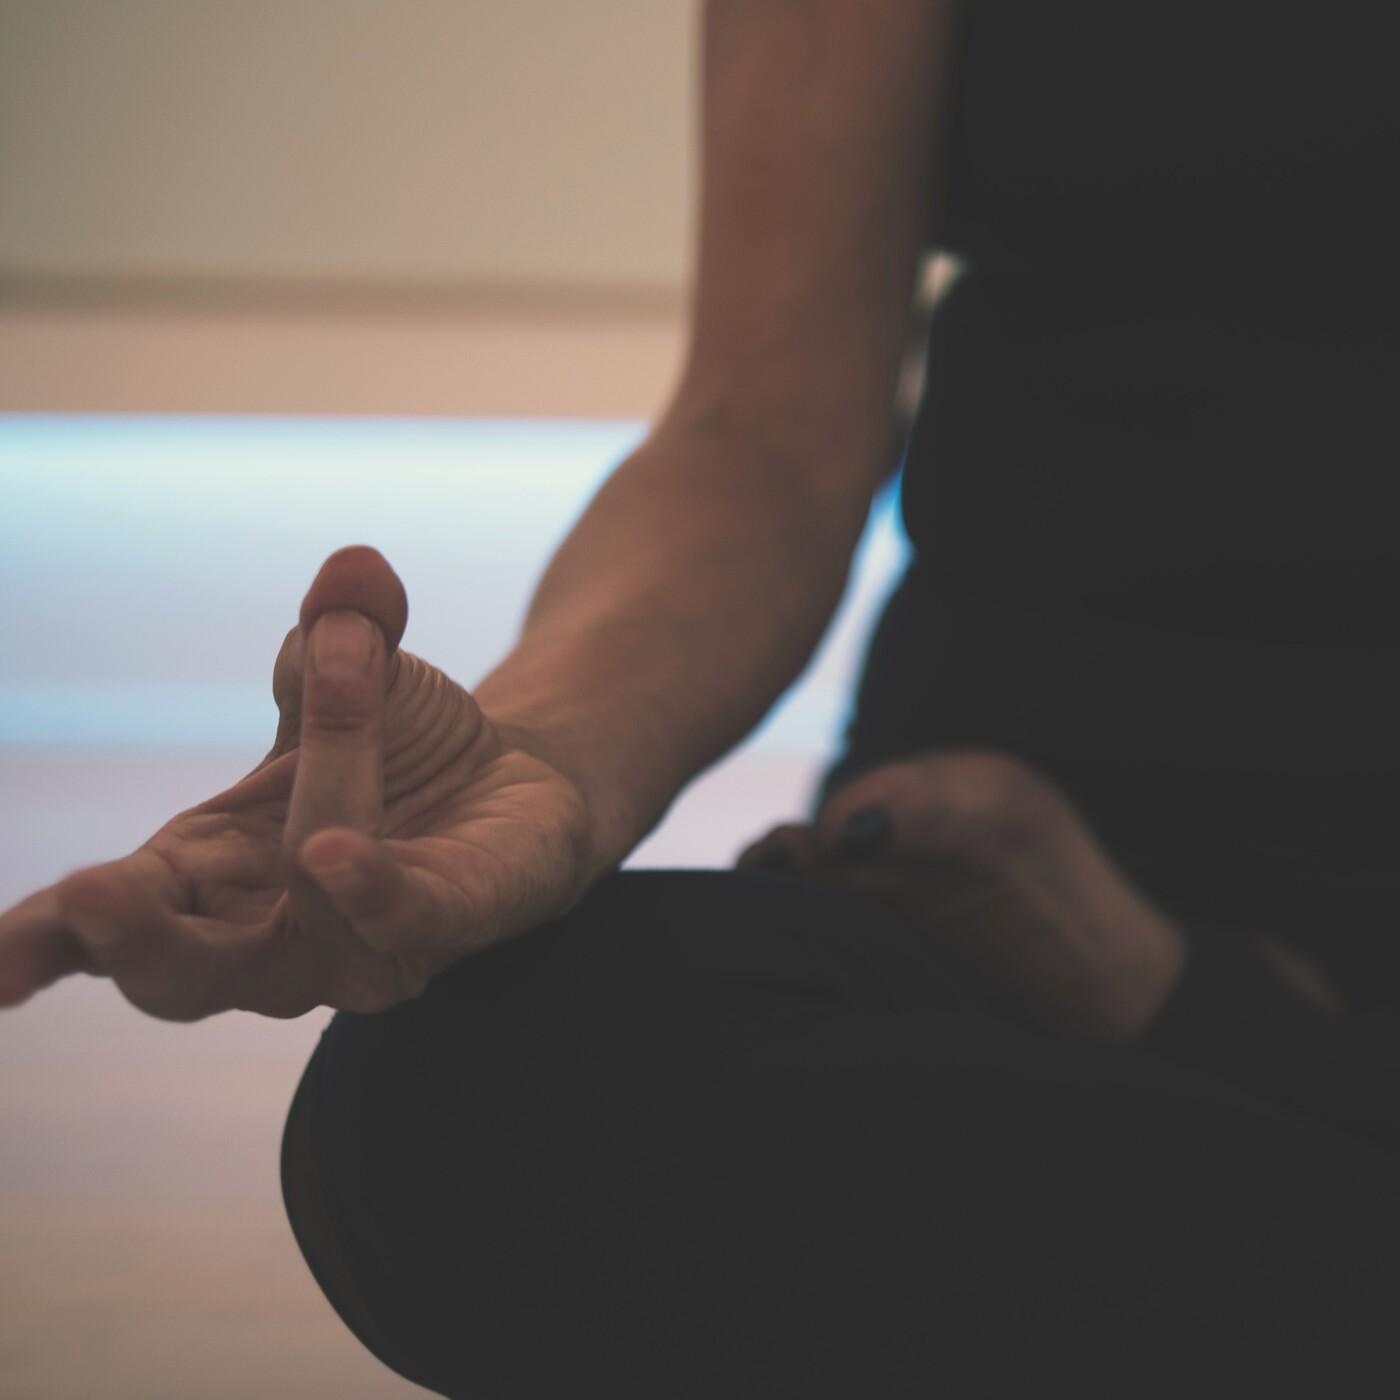 Episodio 3 - Meditación, Importancia y Cómo empezar